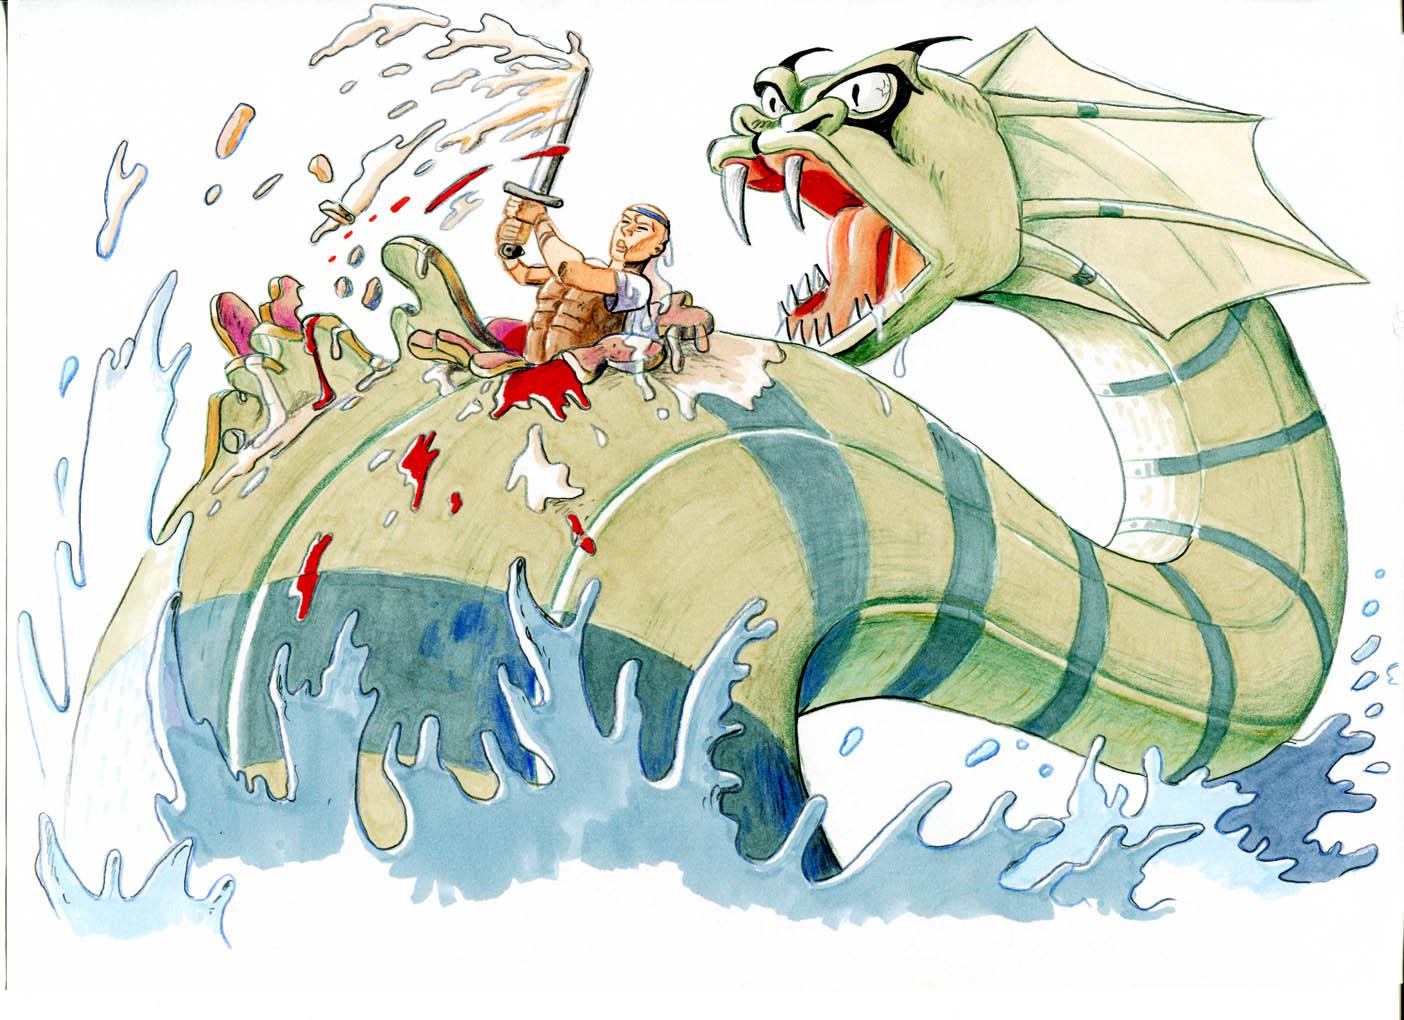 Herkules och sjöodjuret.